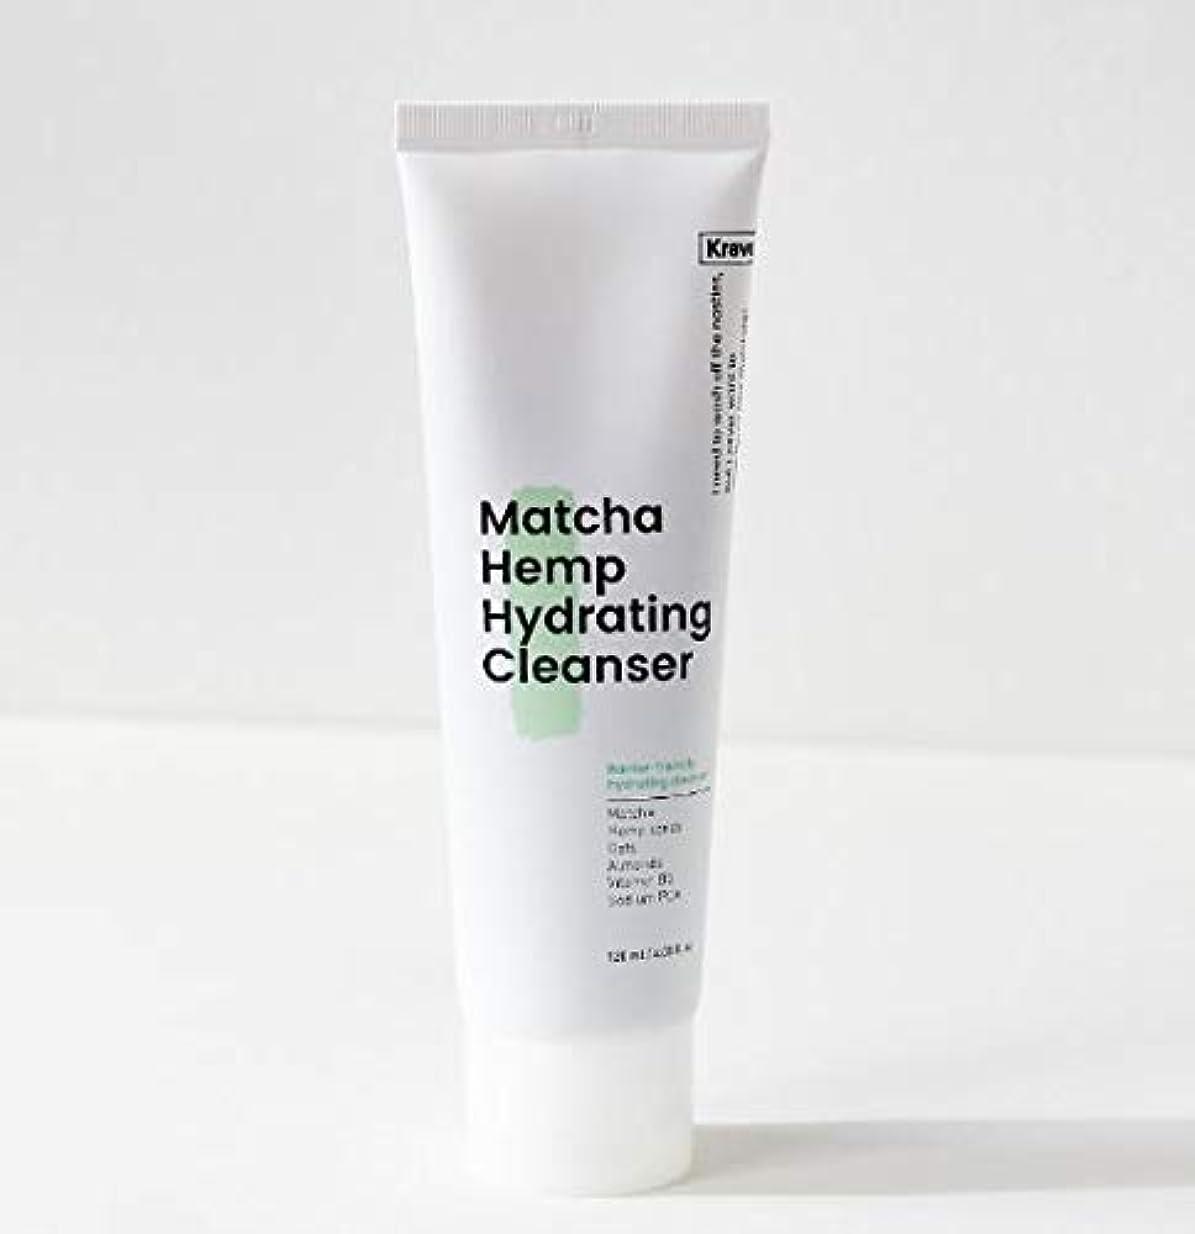 絶壁フェンス協力[Krave] Matcha Hemp Hydrating Cleanser 120ml / 抹茶ハイドレイティングクレンザー120ml [並行輸入品]